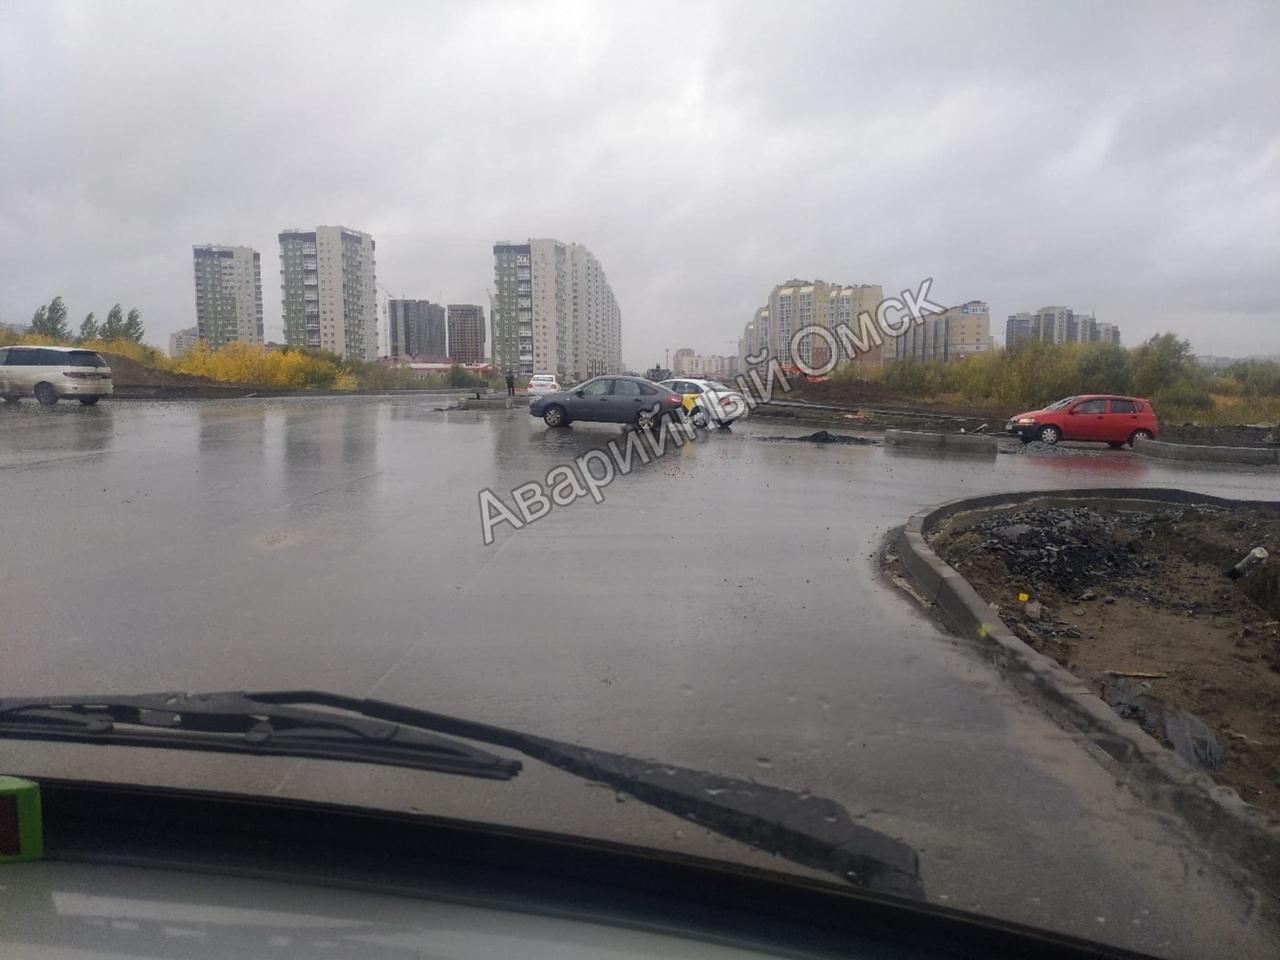 На недостроенной дороге за миллиард в Омске уже произошло ДТП #Омск #Общество #Сегодня